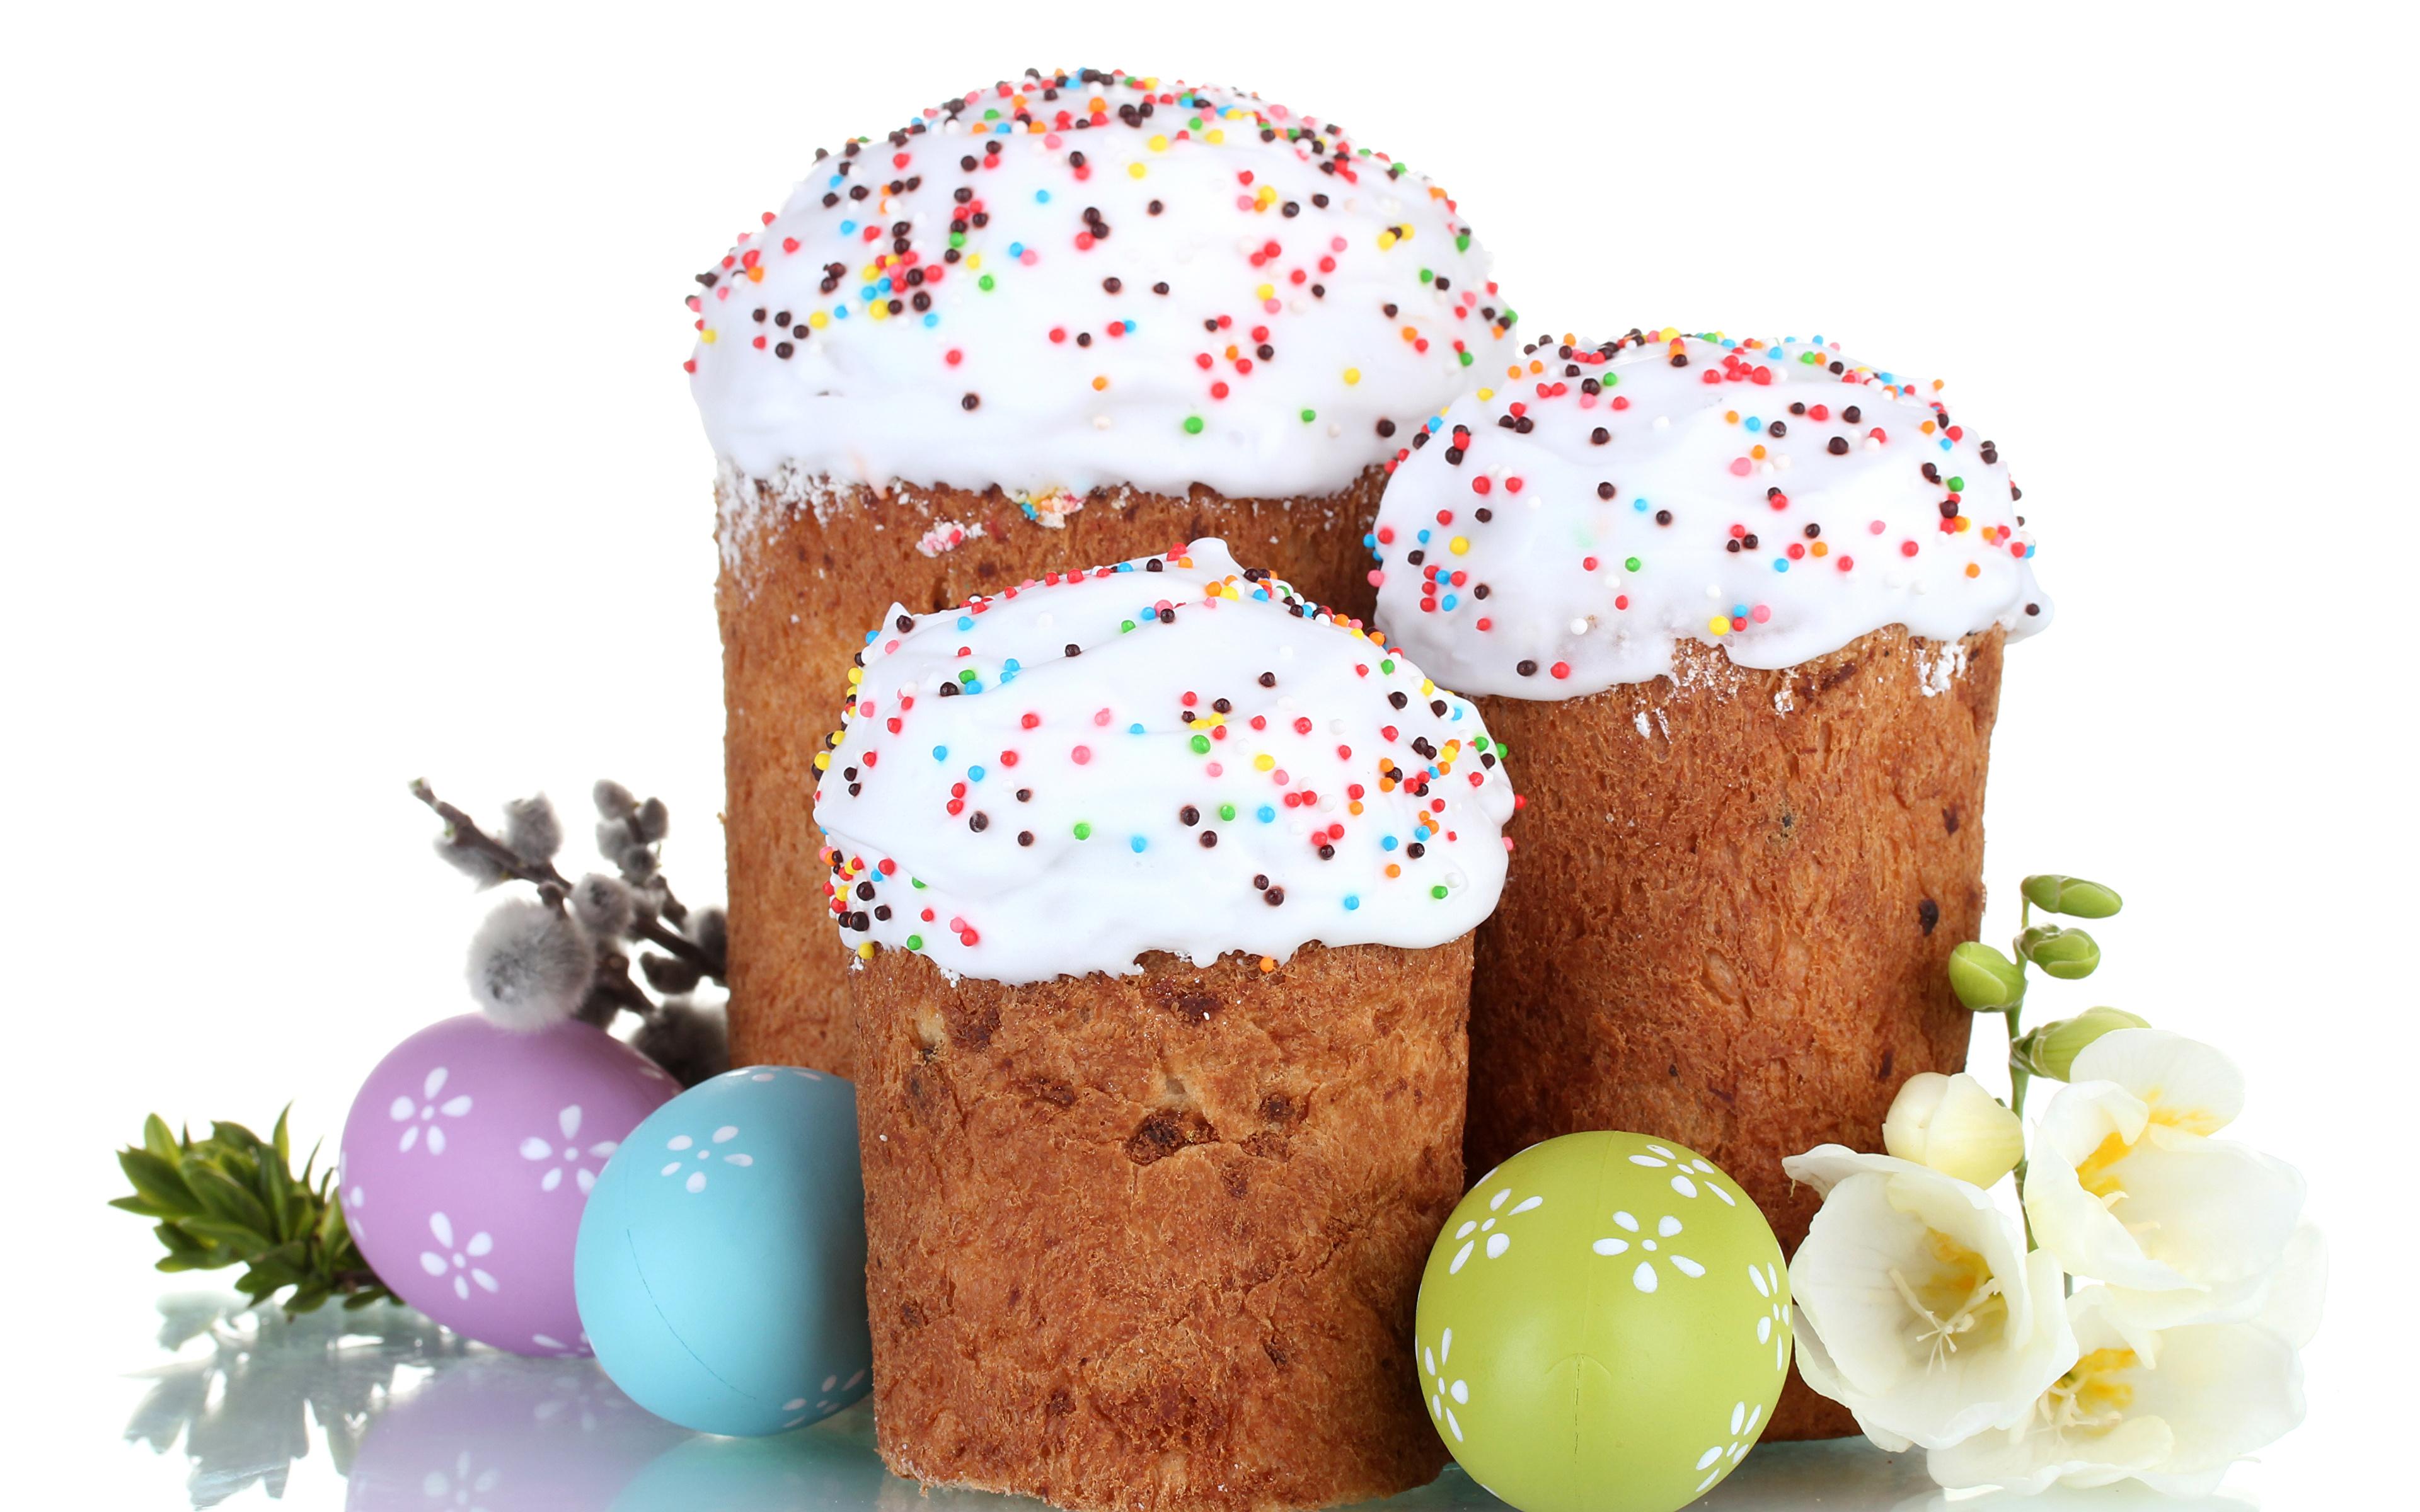 праздник пасха кулич яйца  № 2646799 бесплатно